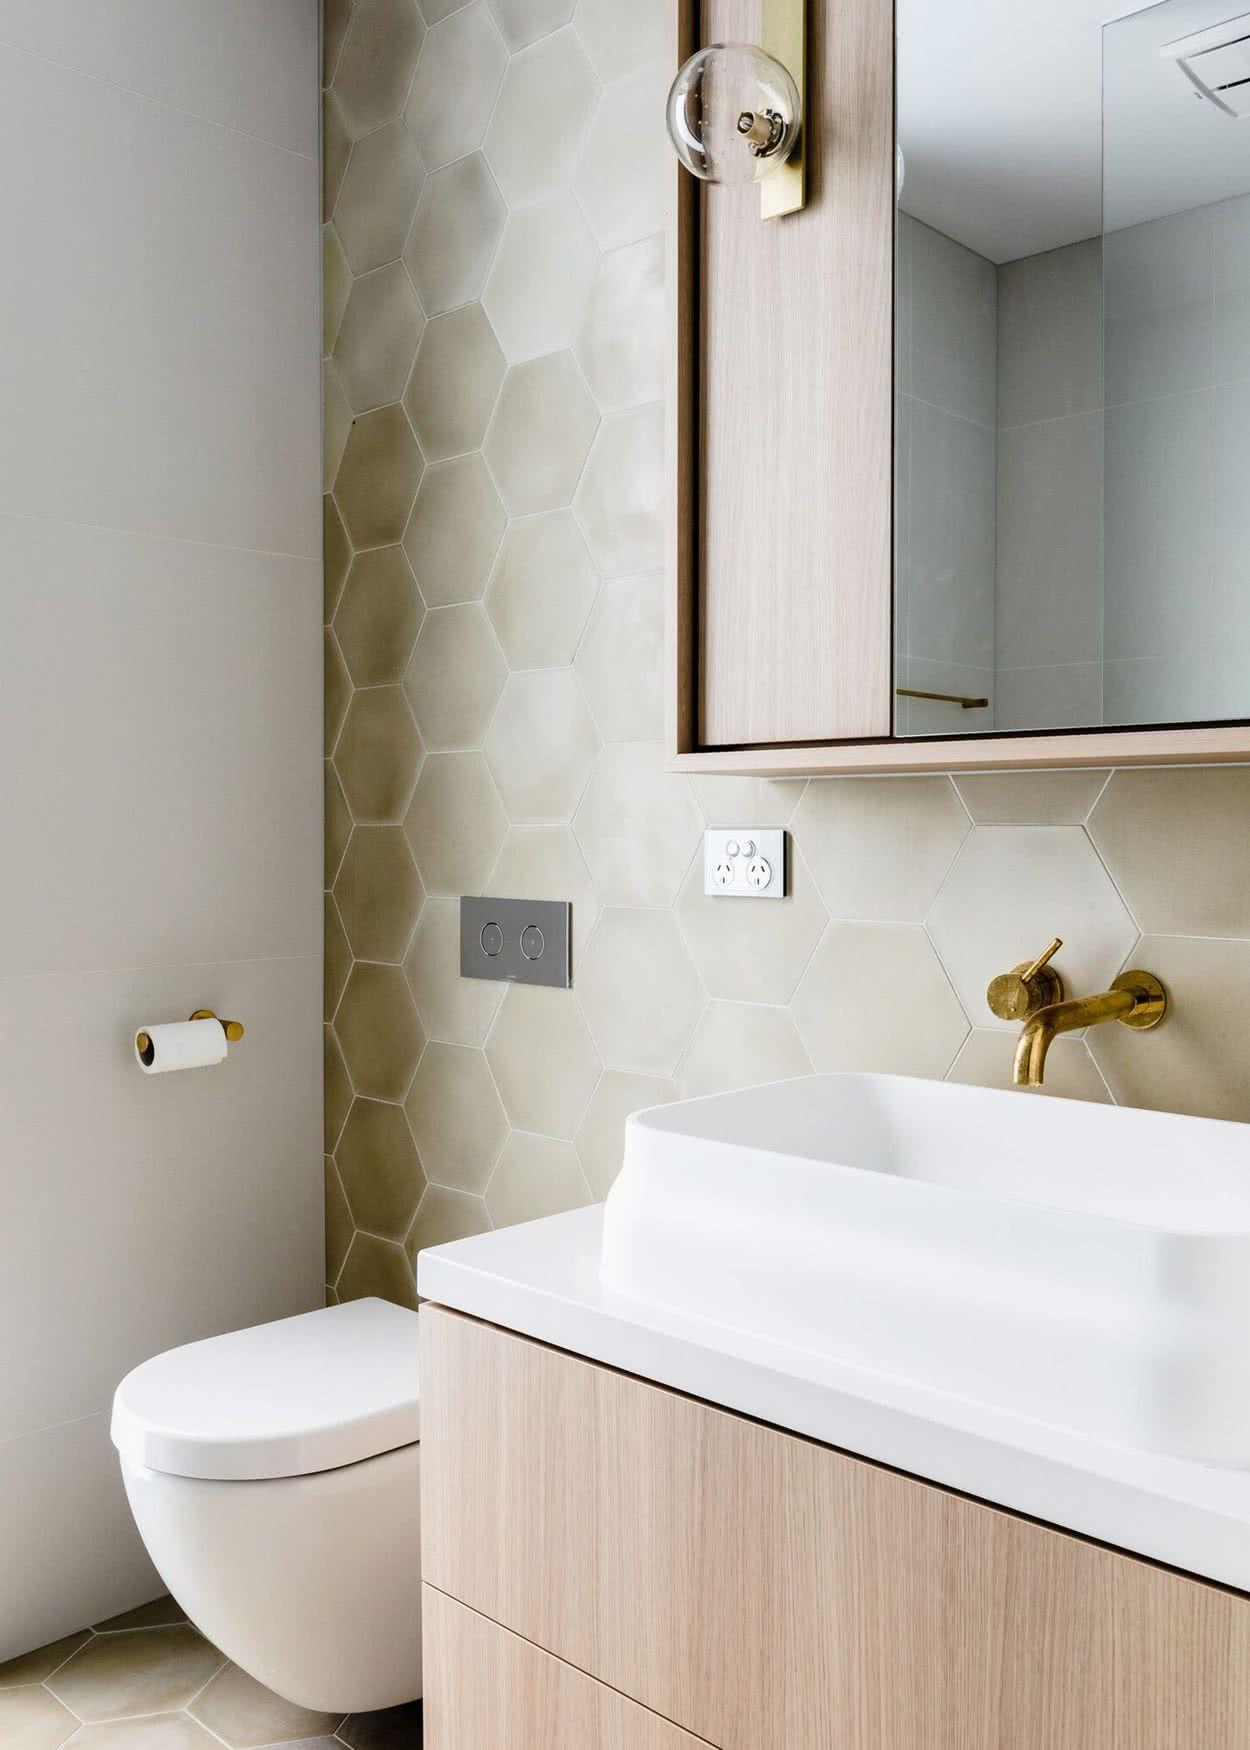 Baños modernos 2021 tendencias y fotos - decoRevista